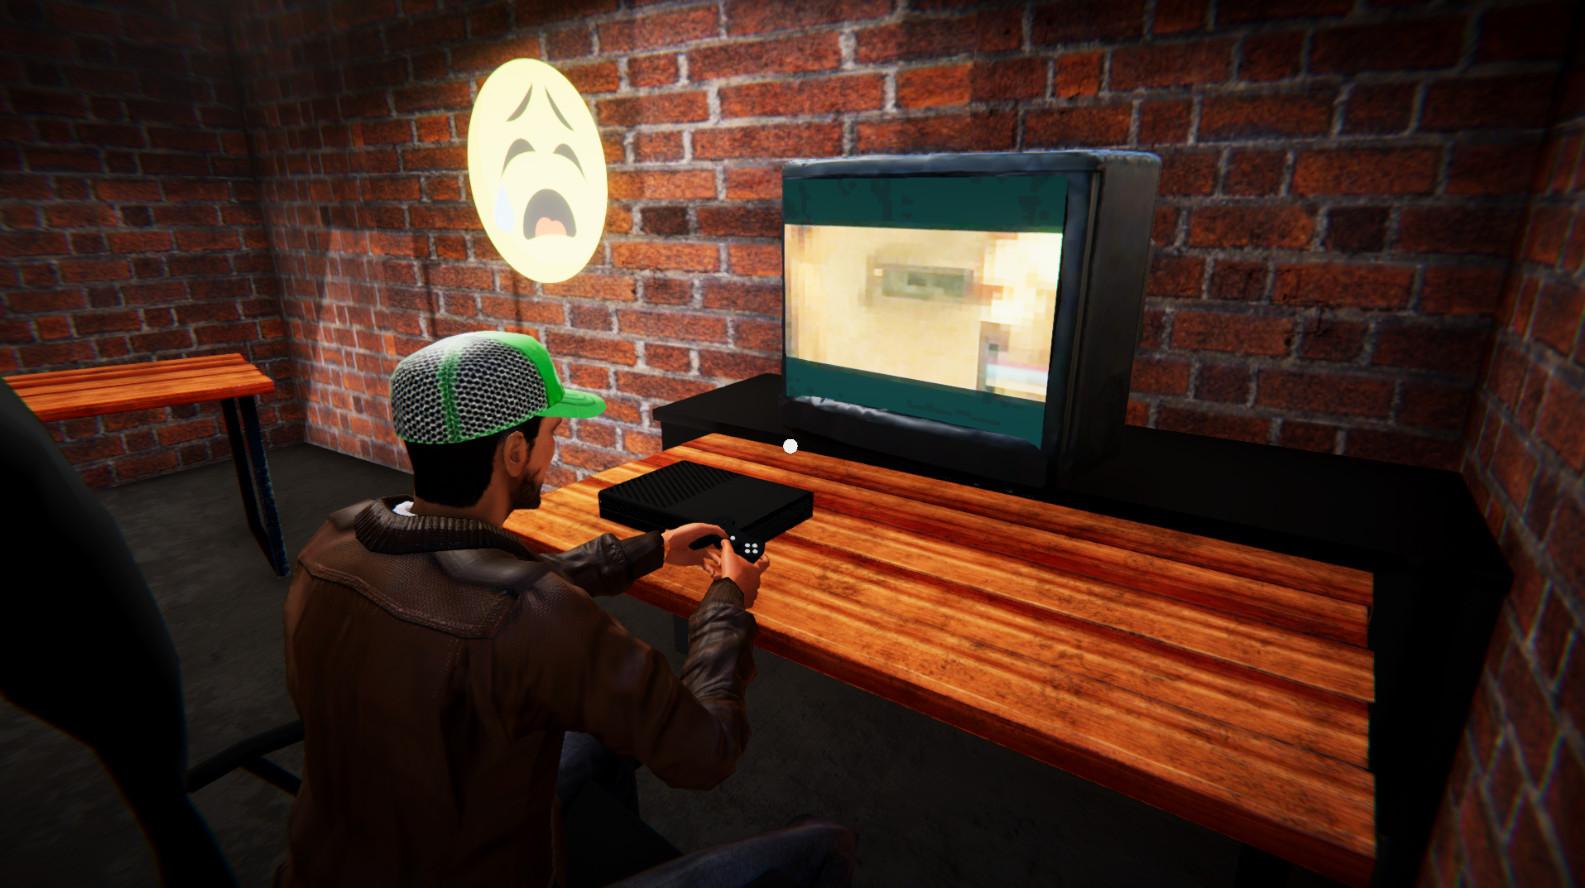 لعبة مقهى الالعاب للكمبيوتر